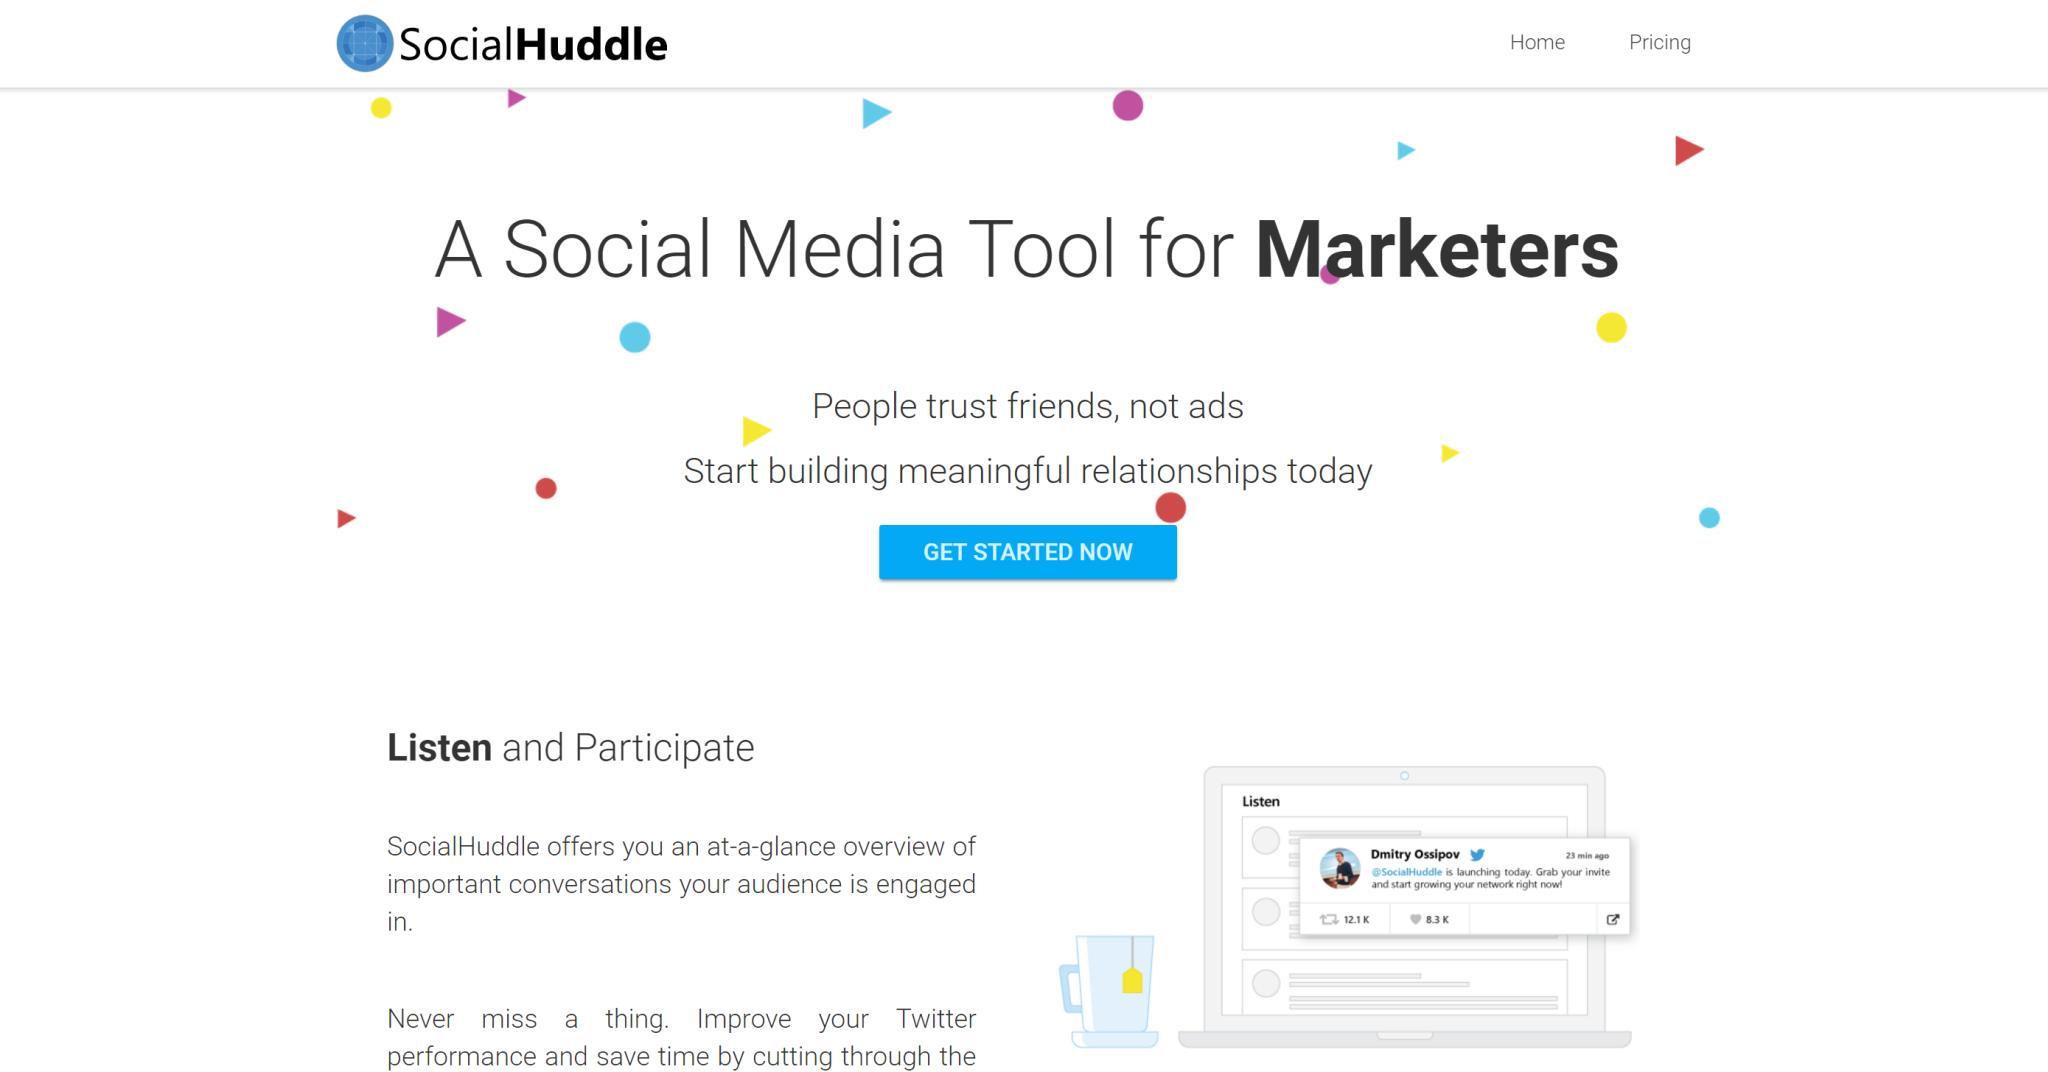 SocialHuddle